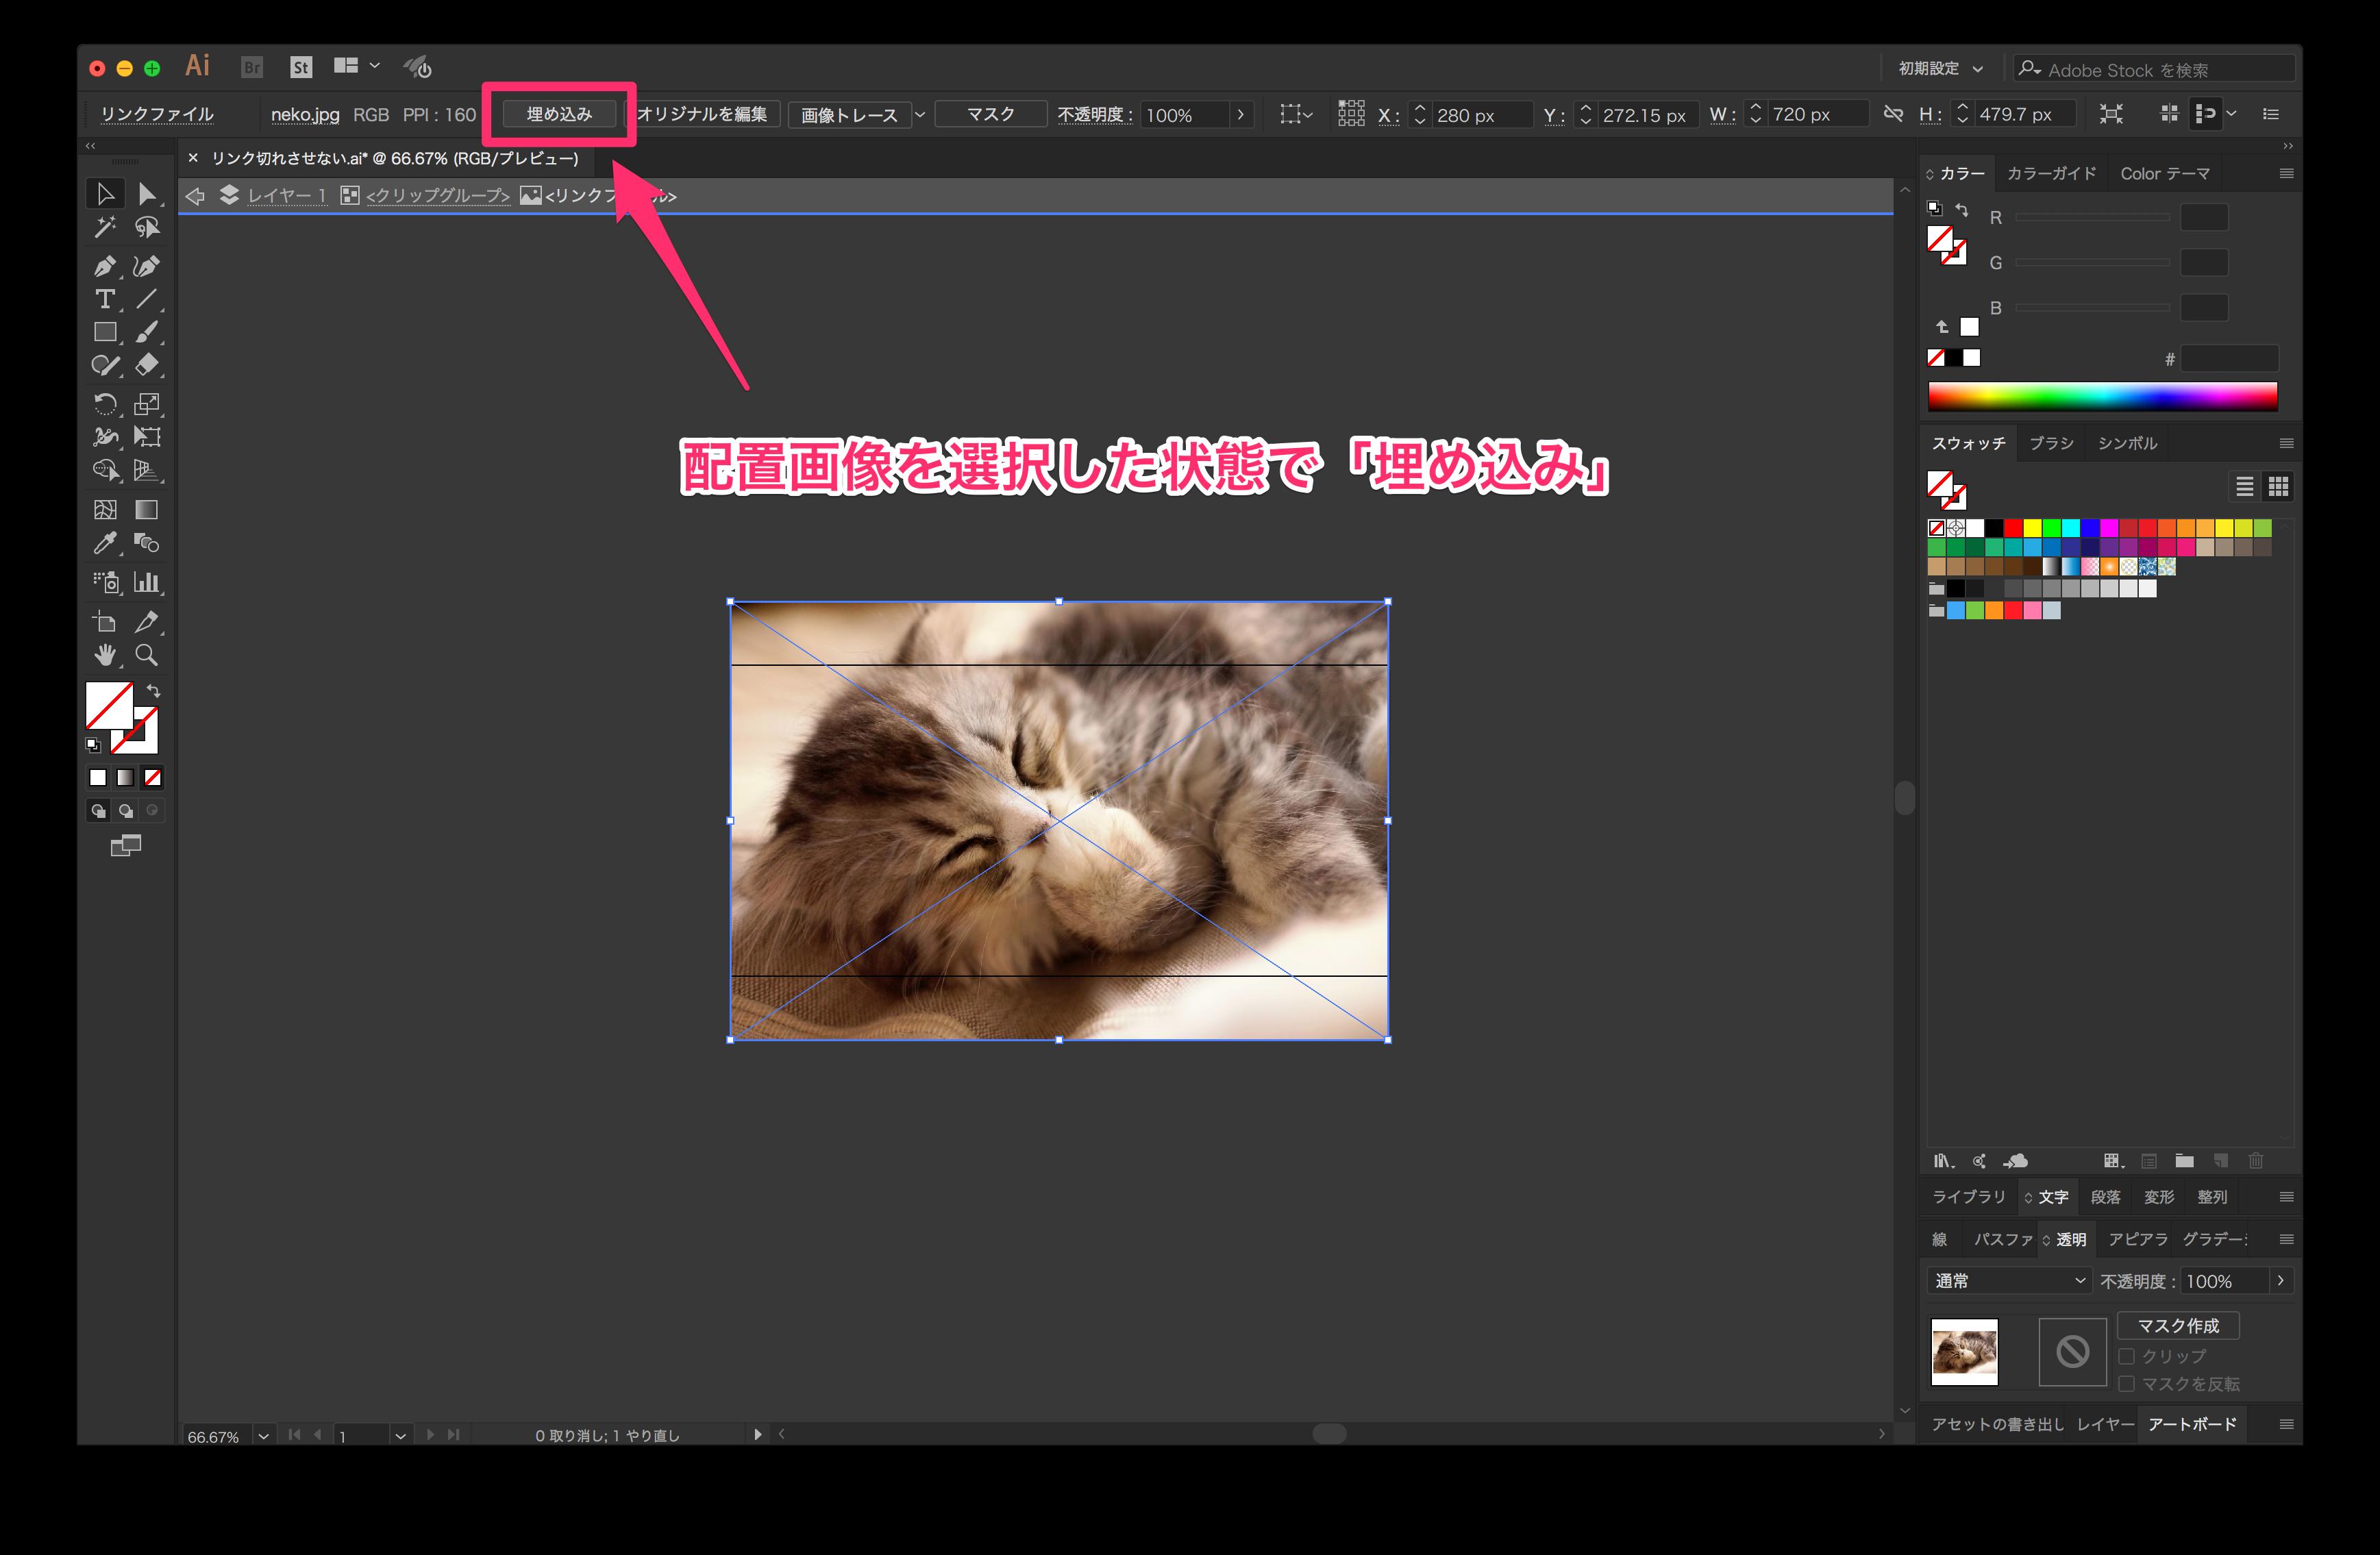 リンク切れの解決方法 配置画像を選択した状態で「埋め込み」